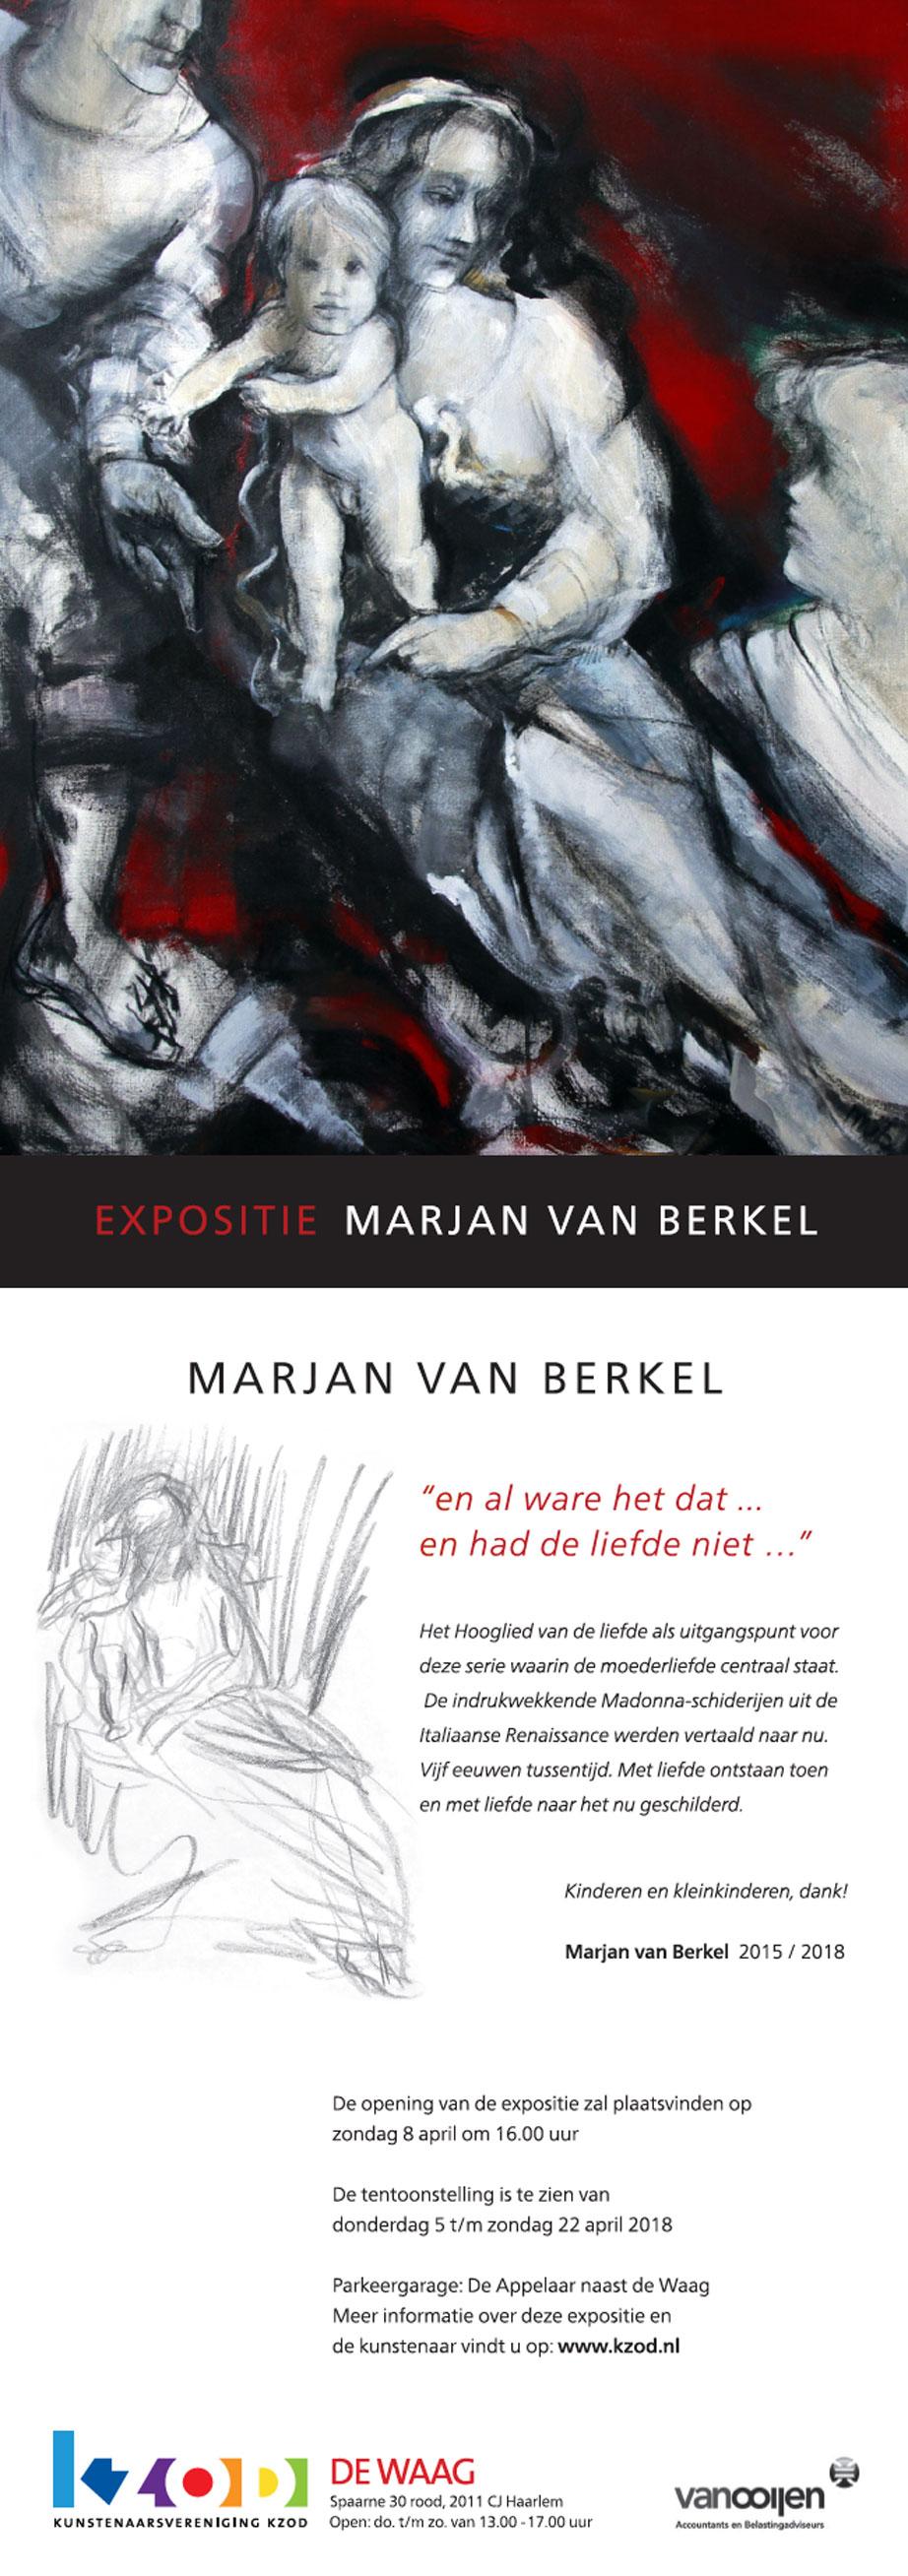 Marjan van Berkel